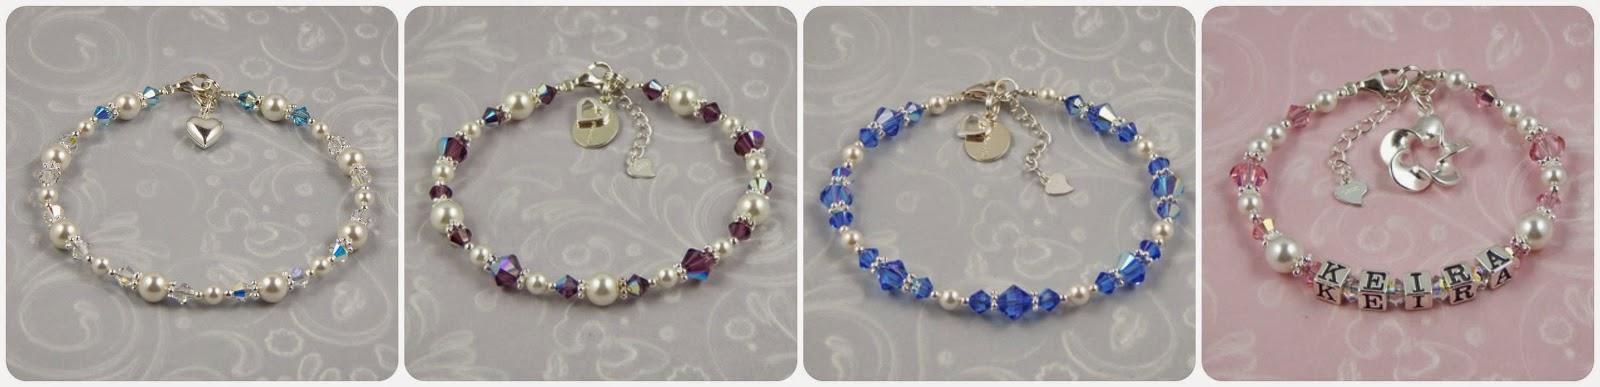 Godchild jewellery range